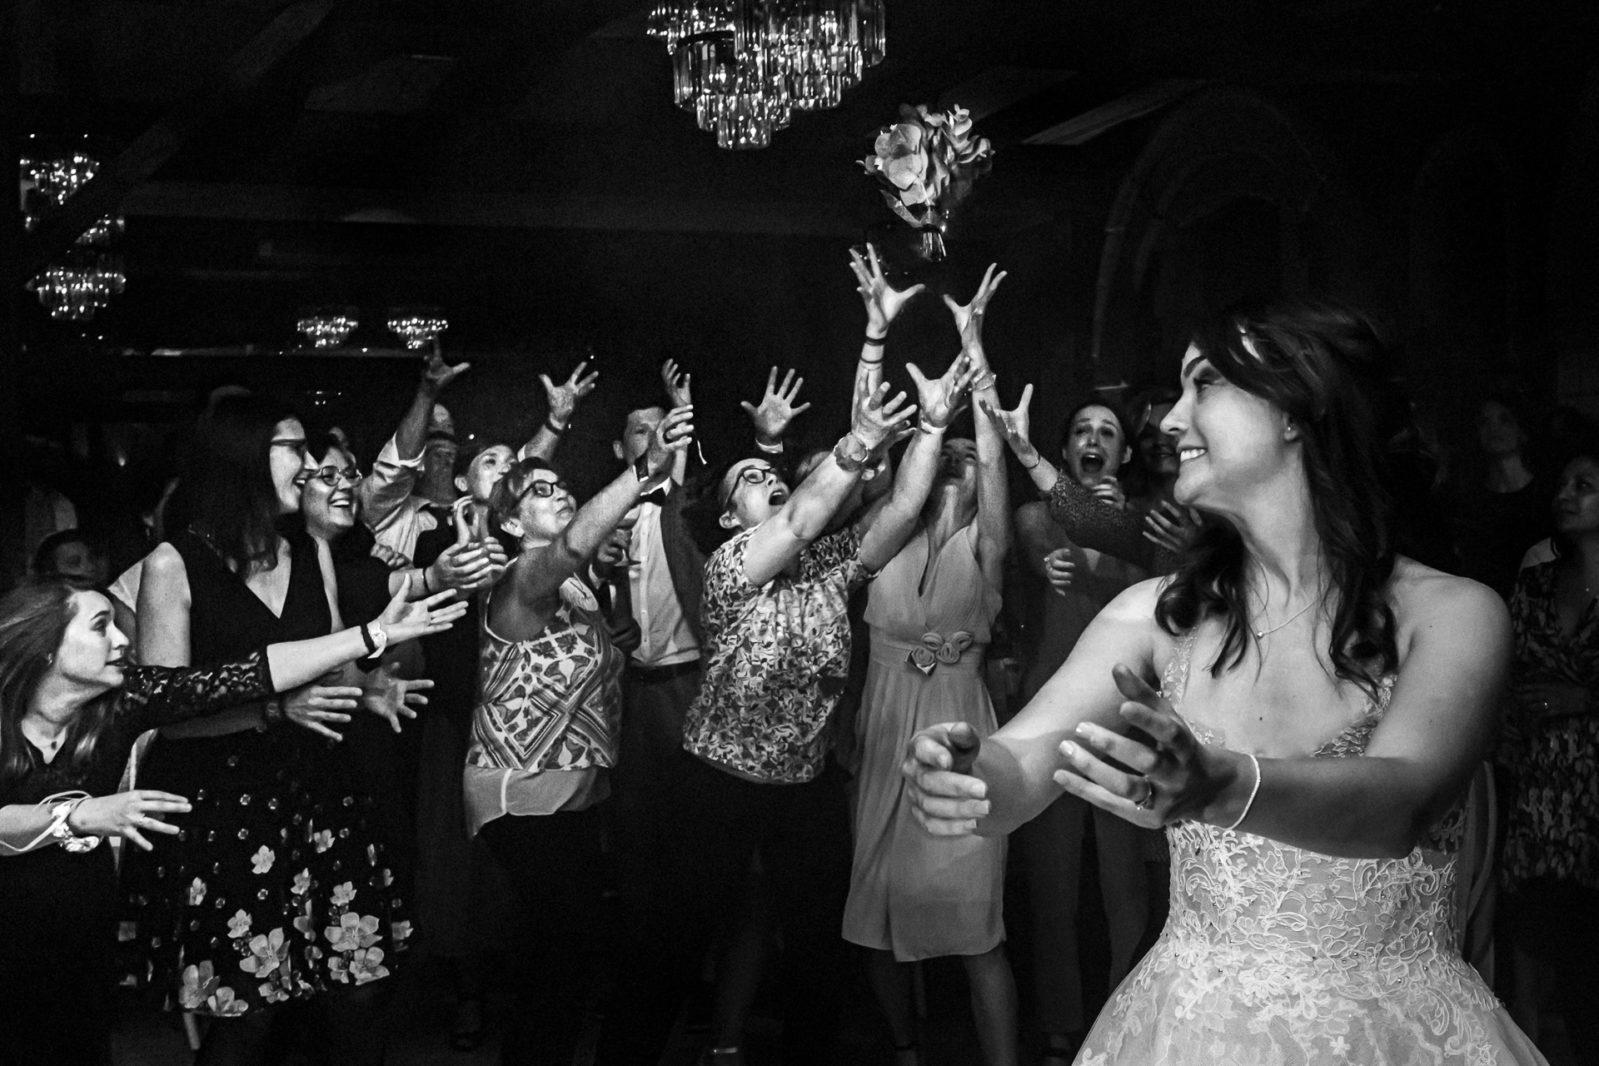 le lancer de bouquet de la mariée - château de Biez (Pecq) - reportage de mariage en Belgique par Ernestine et sa famille, Marine Poron